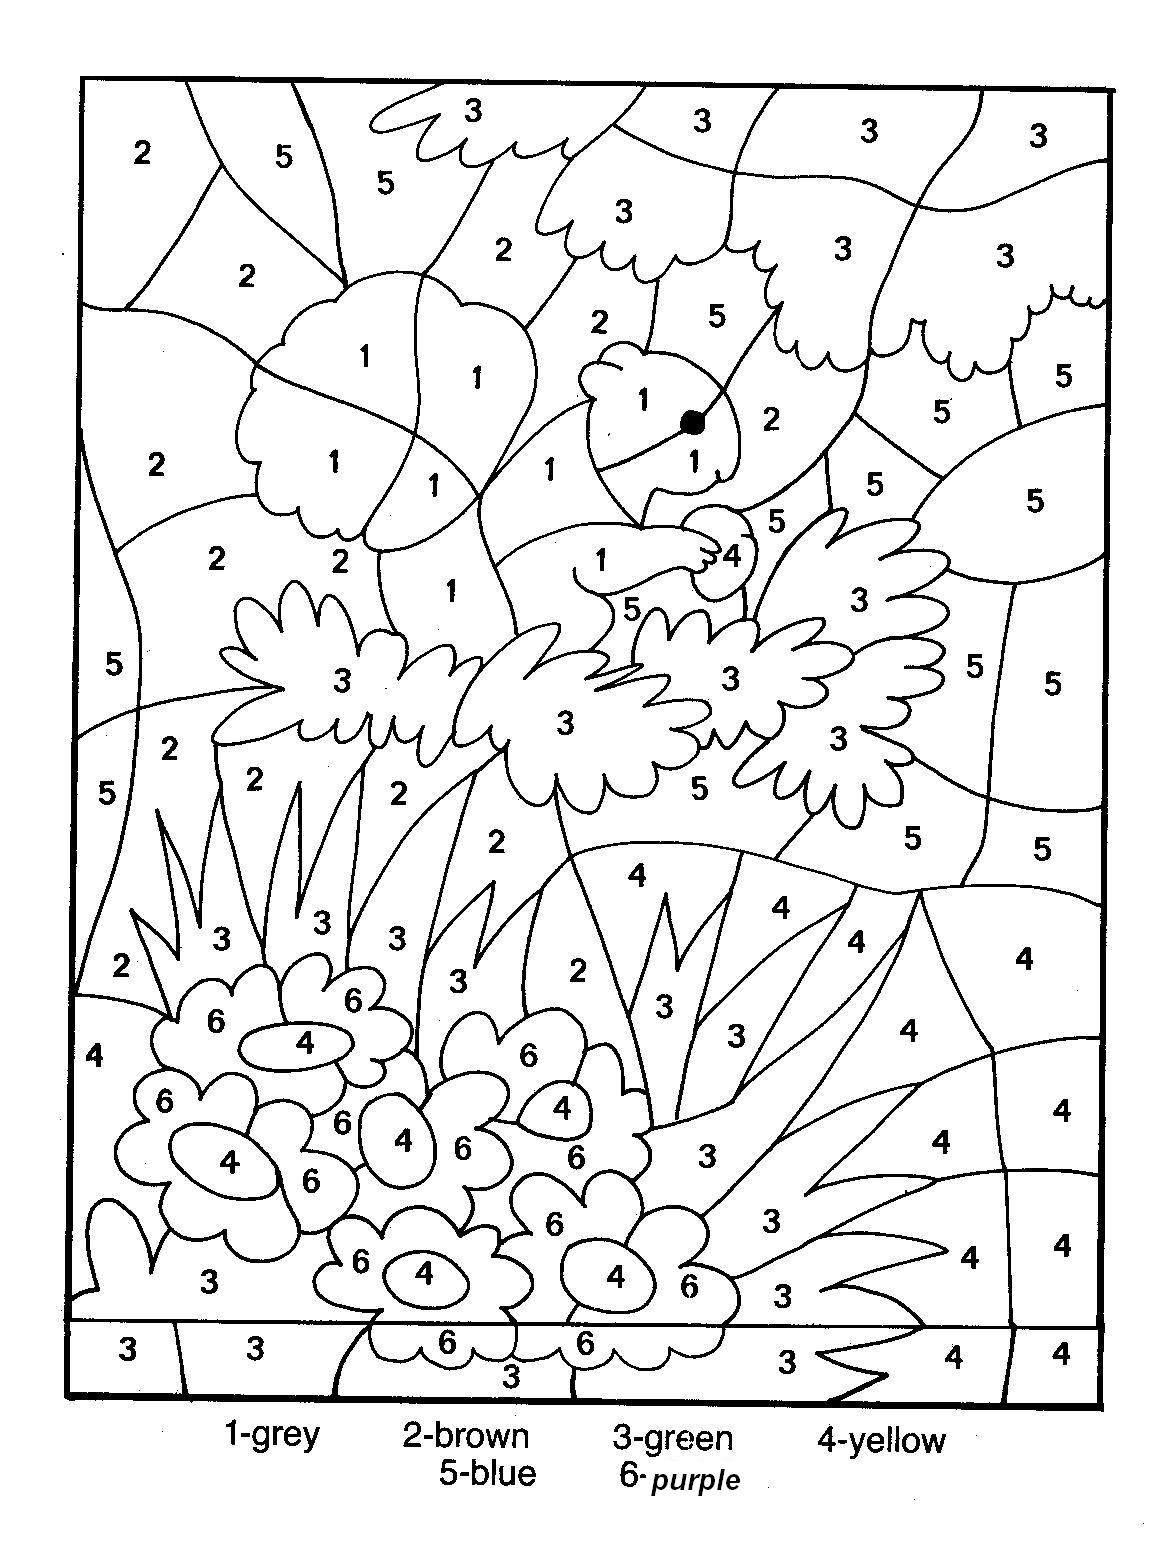 25 Dessins De Coloriage Magique Gs À Imprimer encequiconcerne Coloriage Magique Maternelle Grande Section